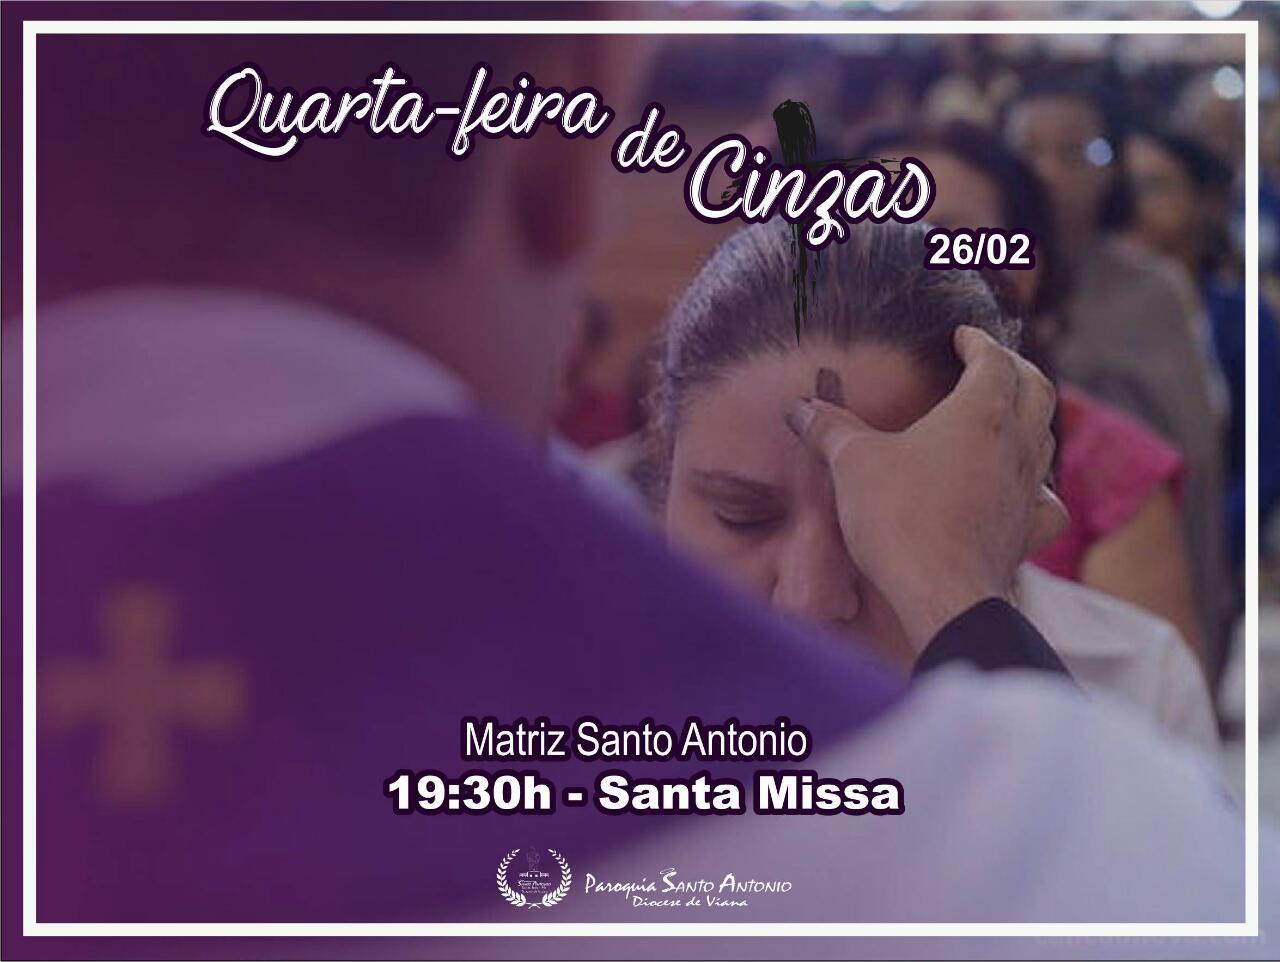 Missa de Cinzas - Paróquia Santo Antonio